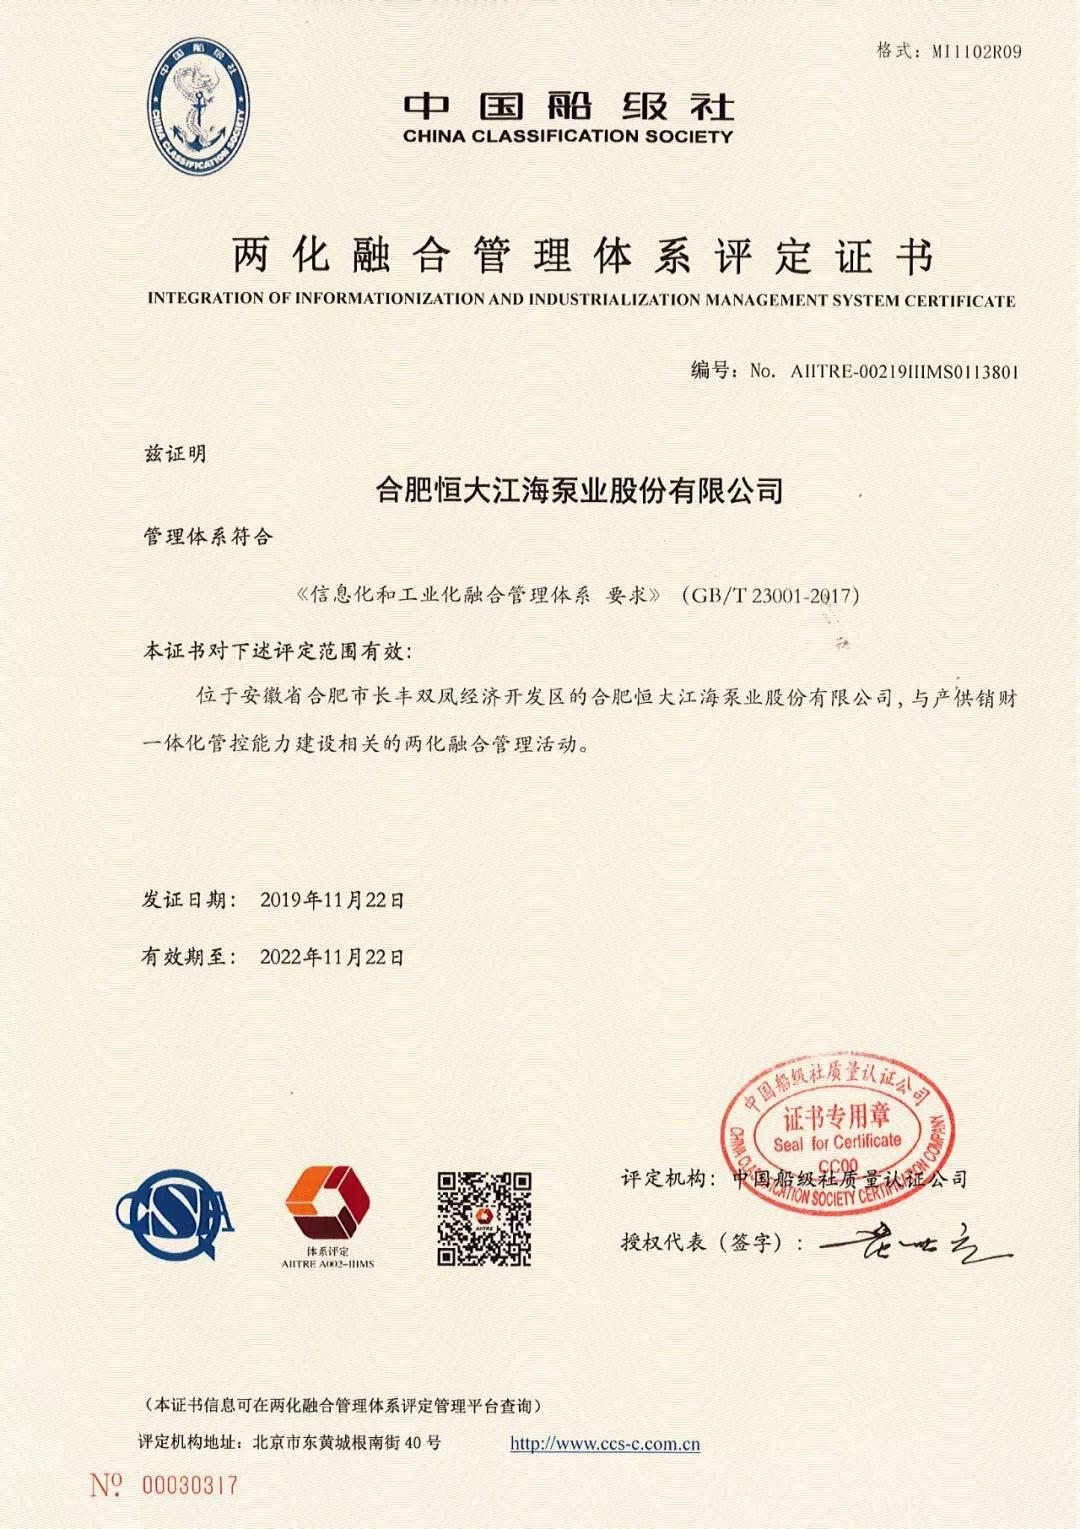 恒大江海泵业顺利获得两化融合管理体系认证